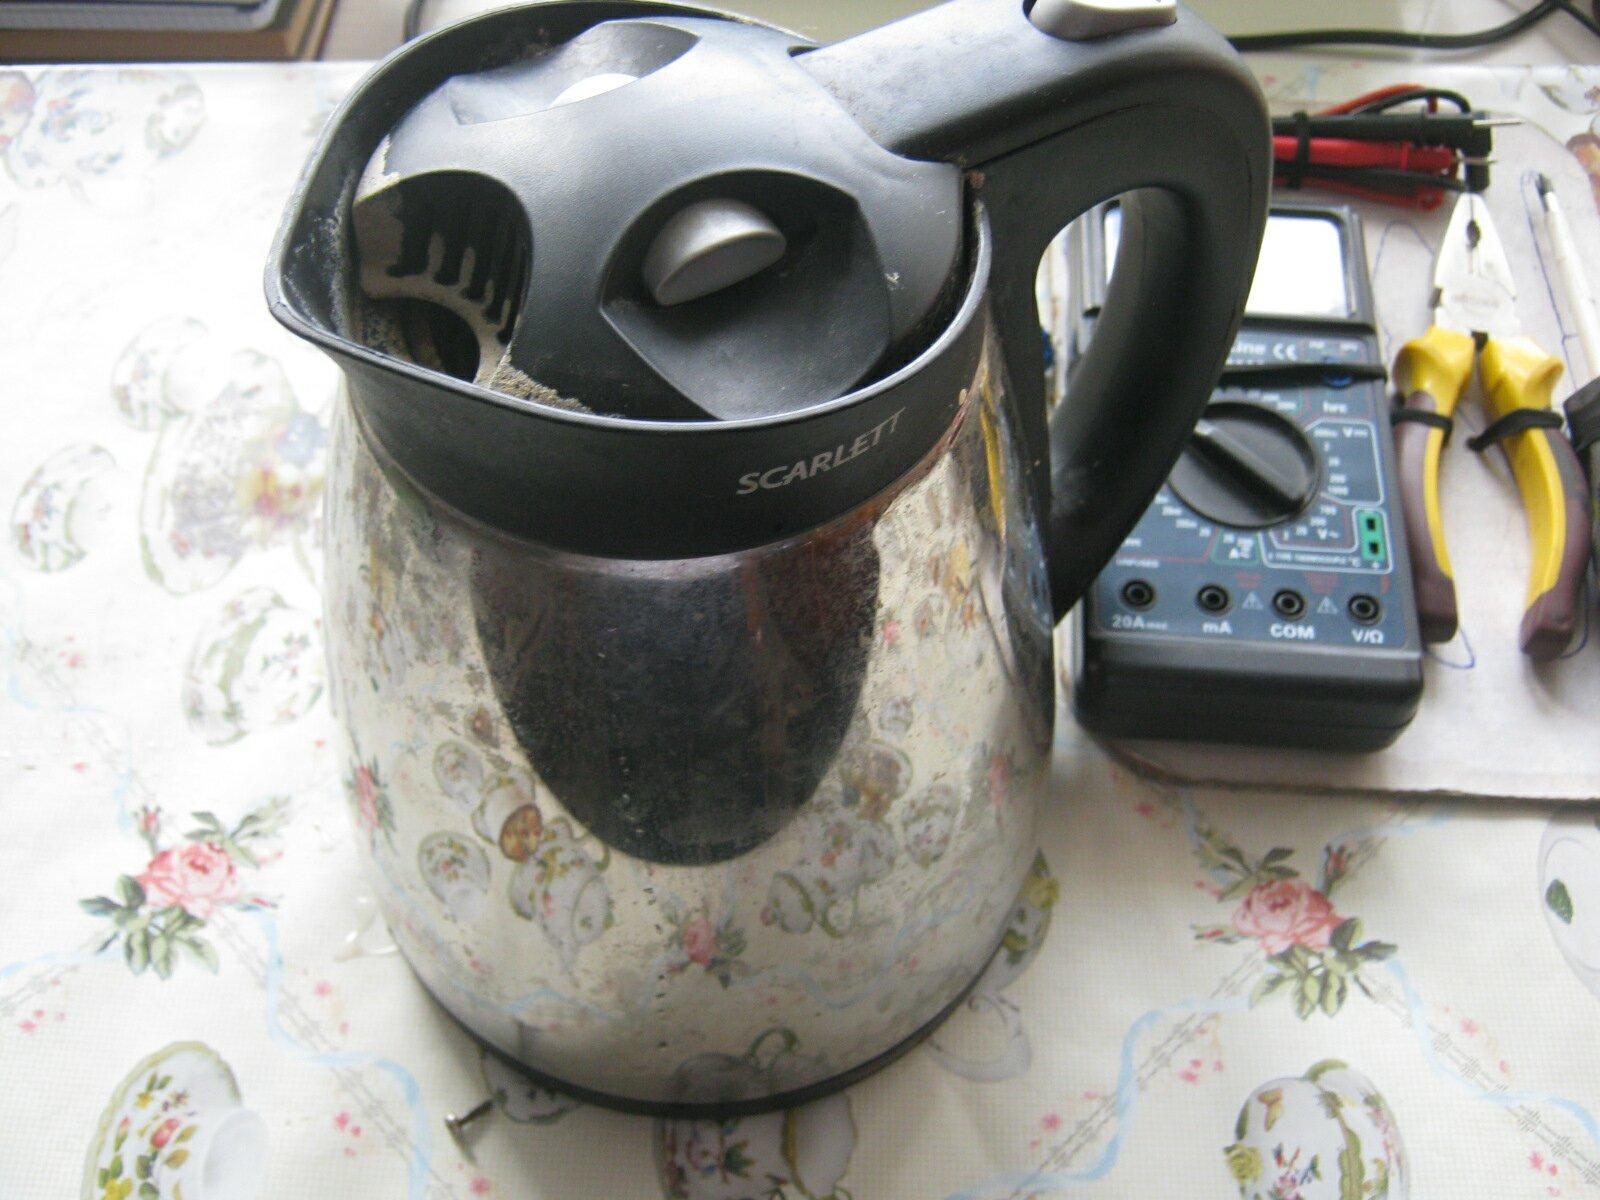 Ремонт электрочайника своими руками скарлет 12